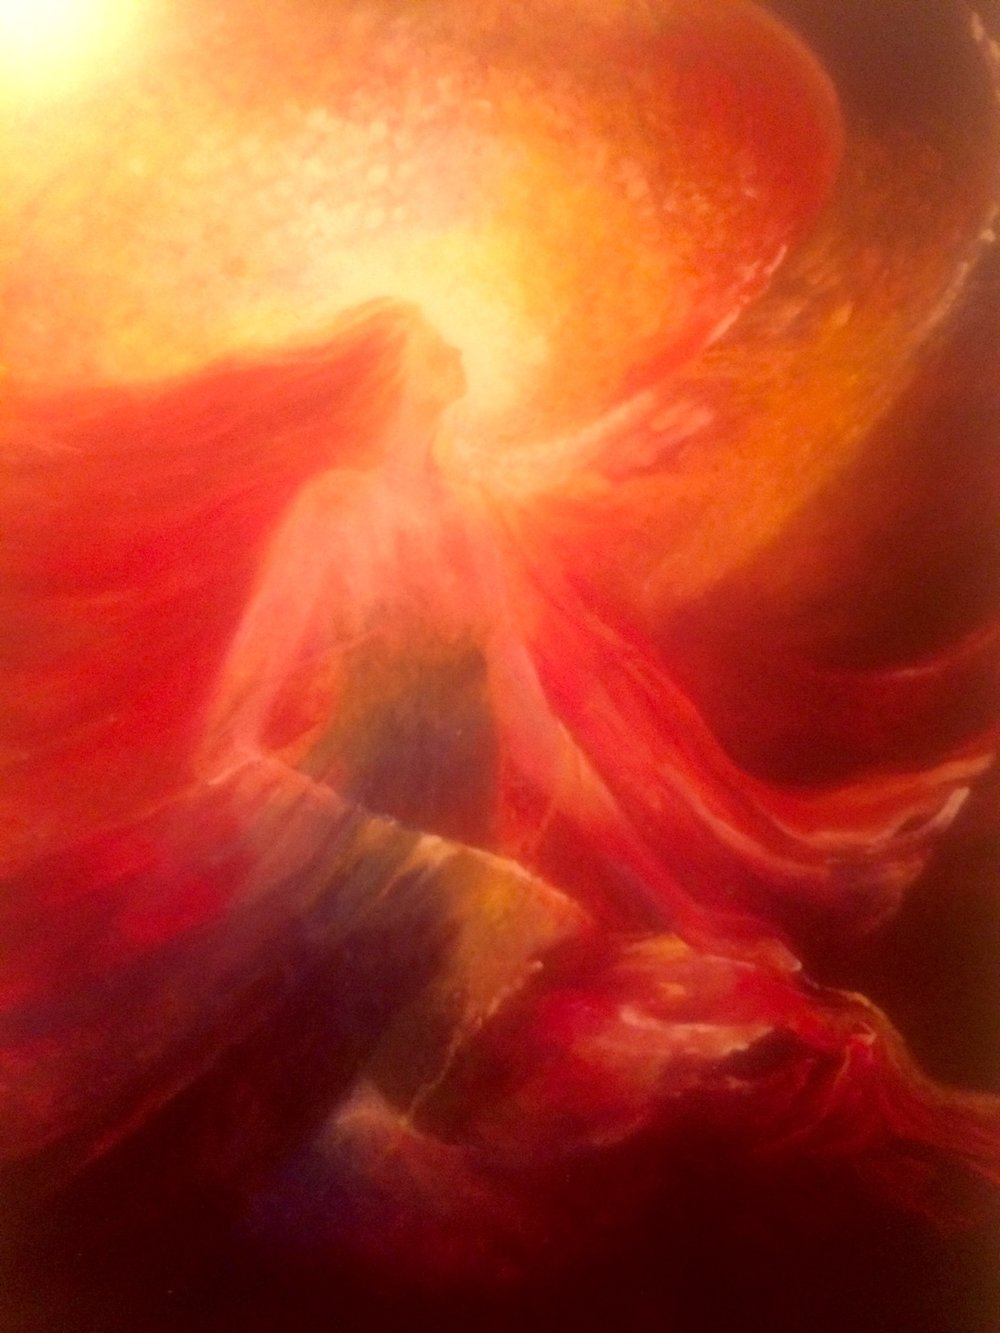 Artwork from Alana Fairchild's Rumi Oracle